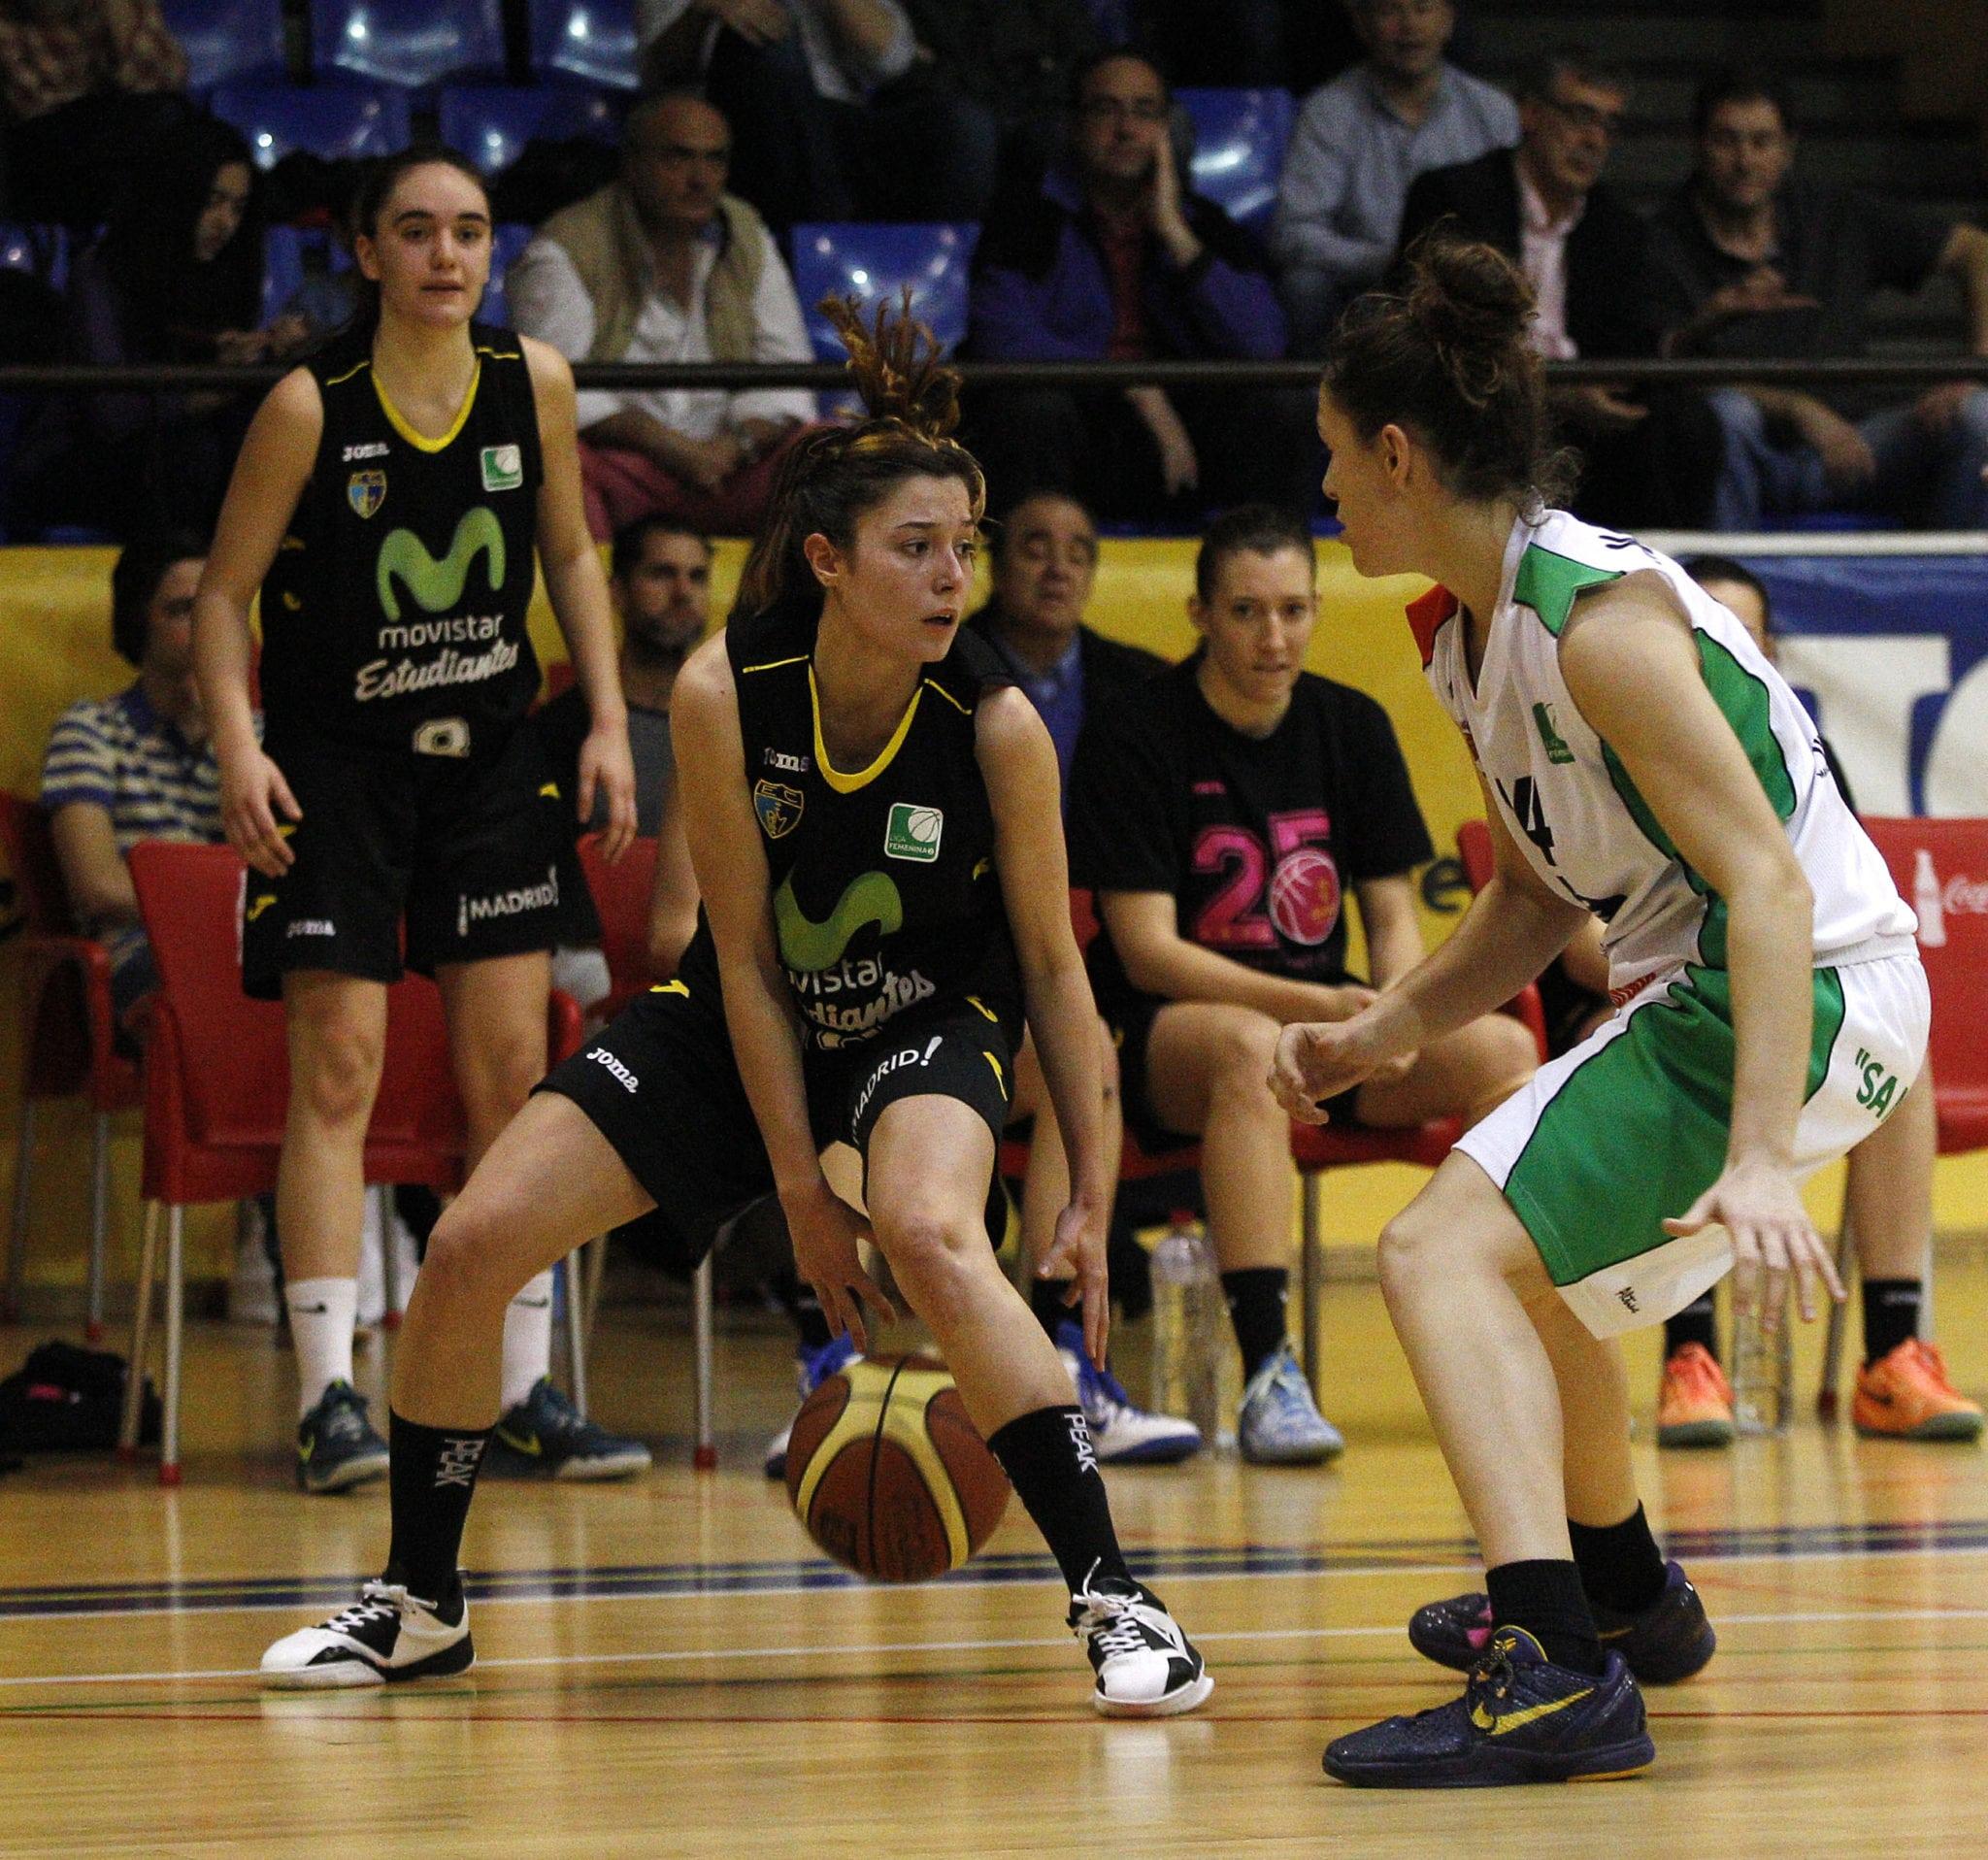 FEB, Informe Jóvenes: Doce jugadoras y exjugadoras de Movistar Estudiantes en el ranking de las U20 que más minutos juegan